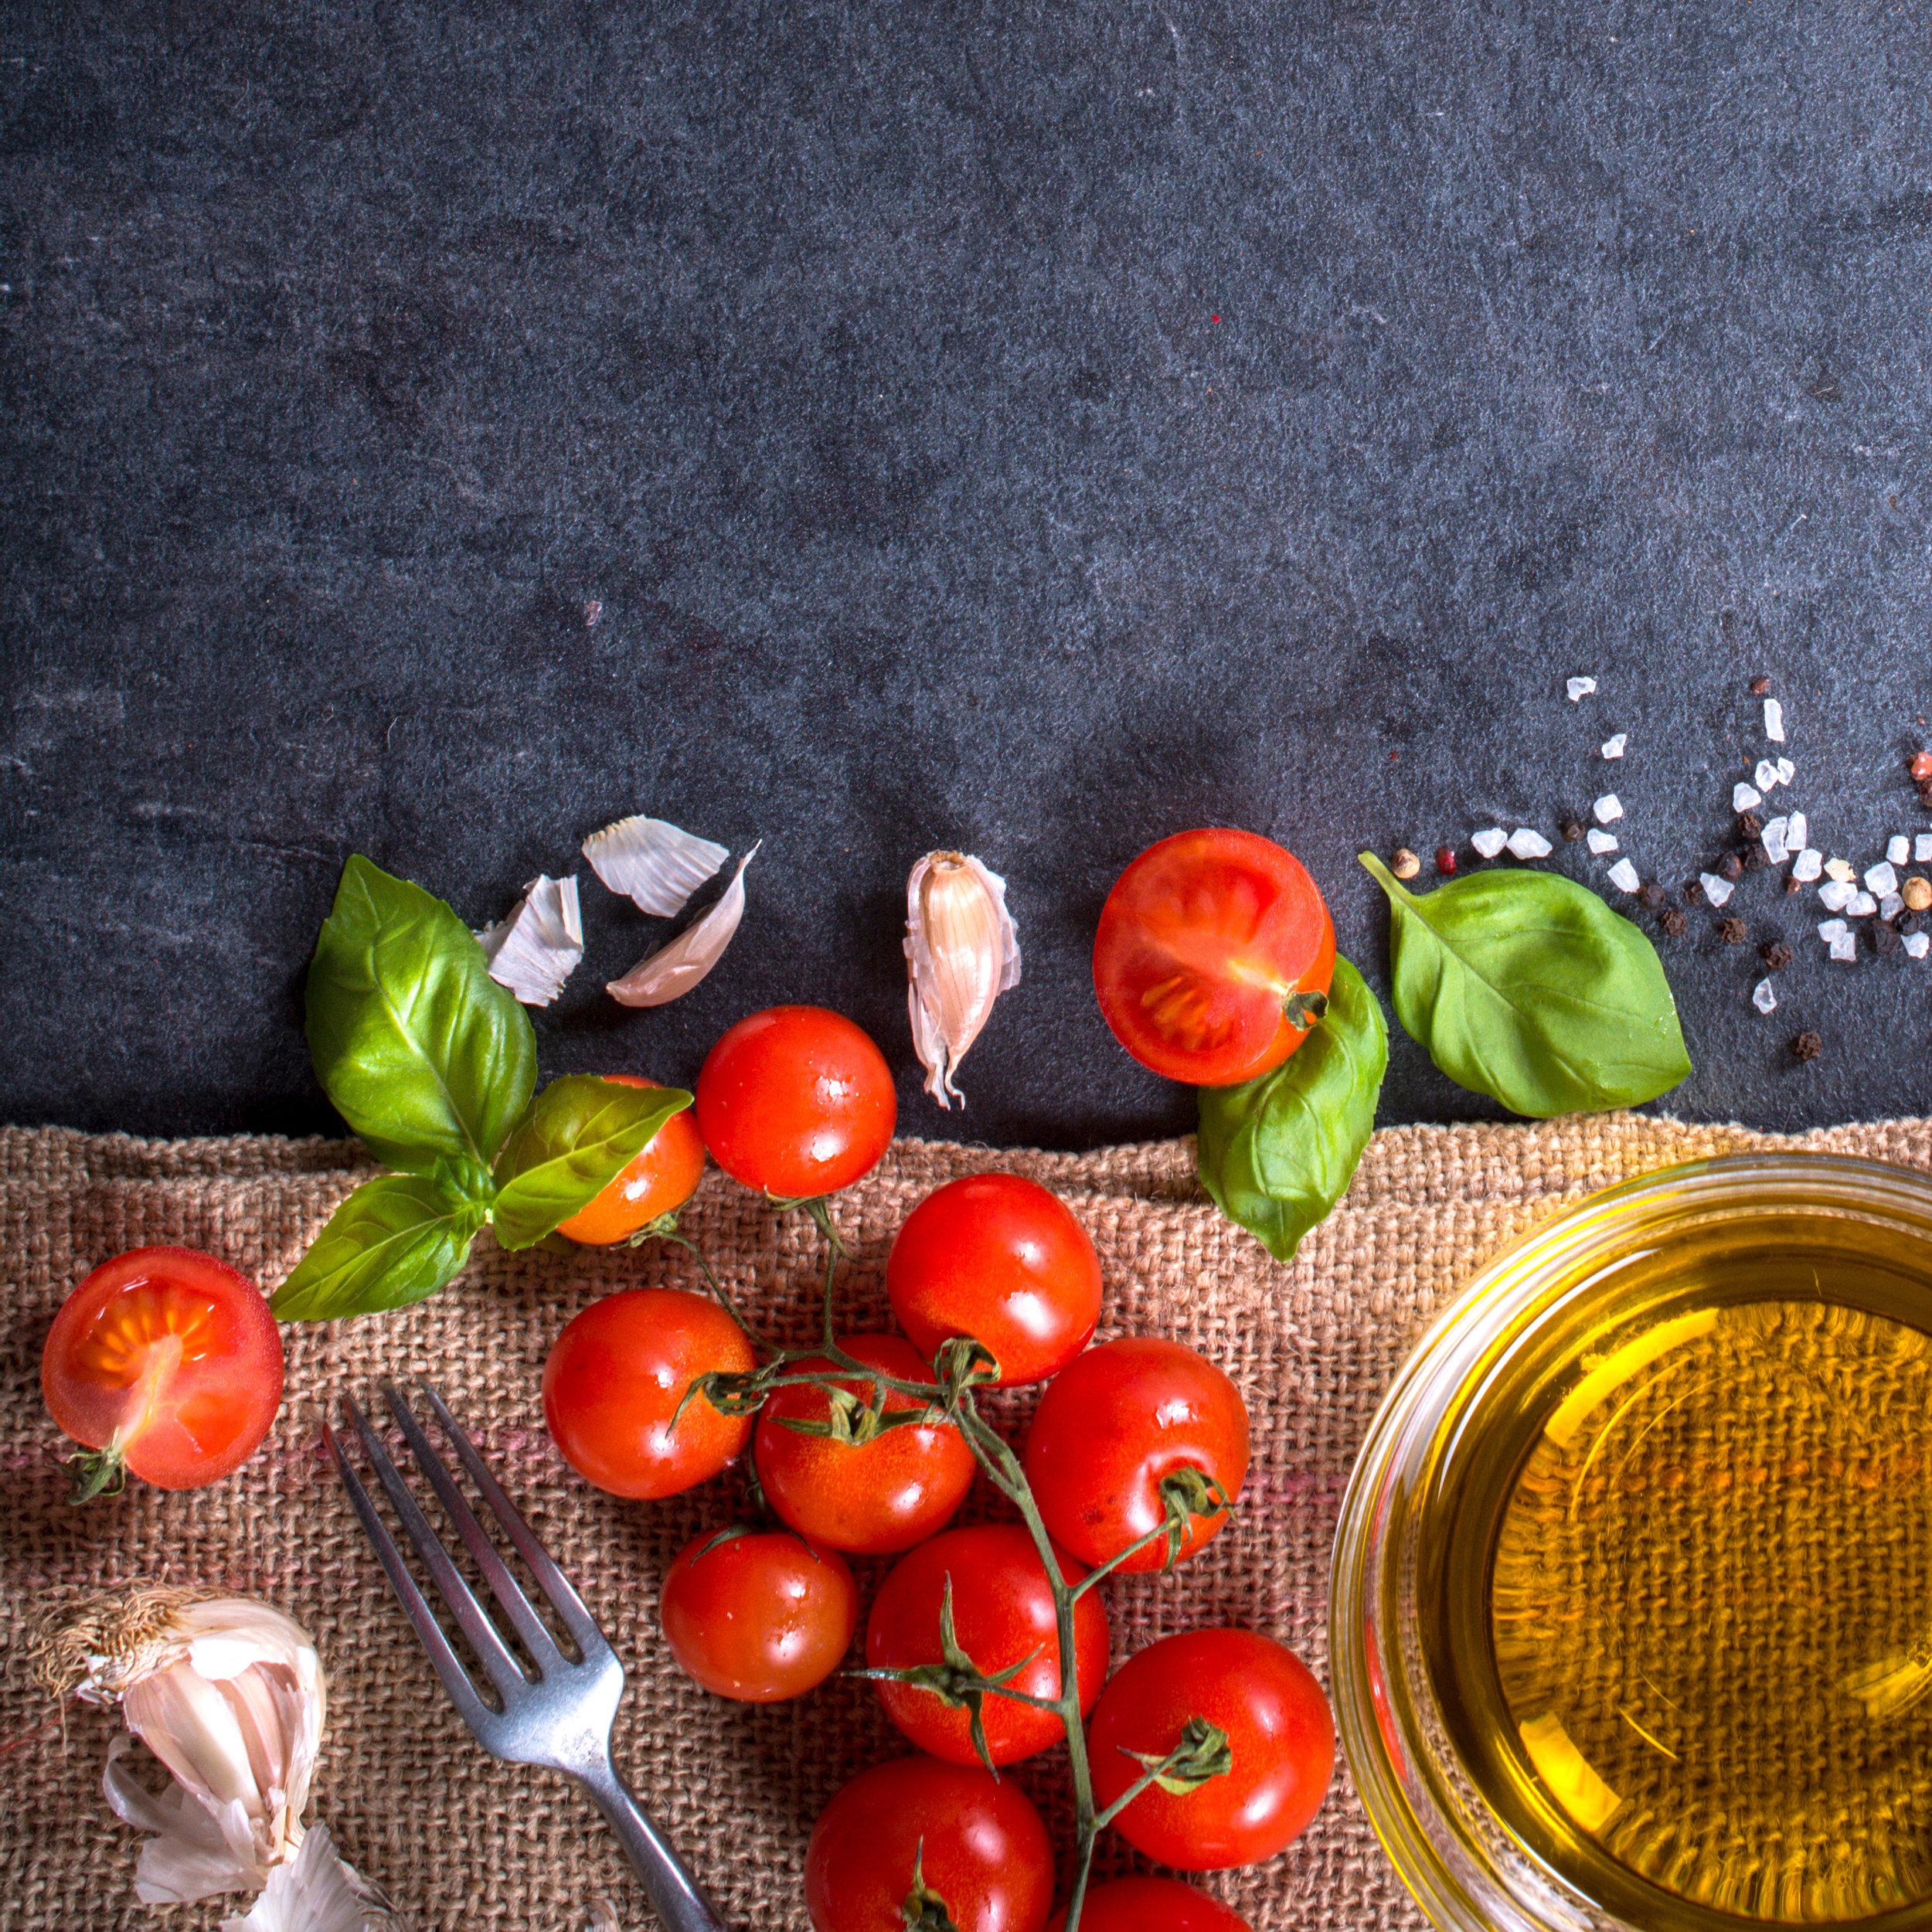 tomato basil garlic olive oil.jpg